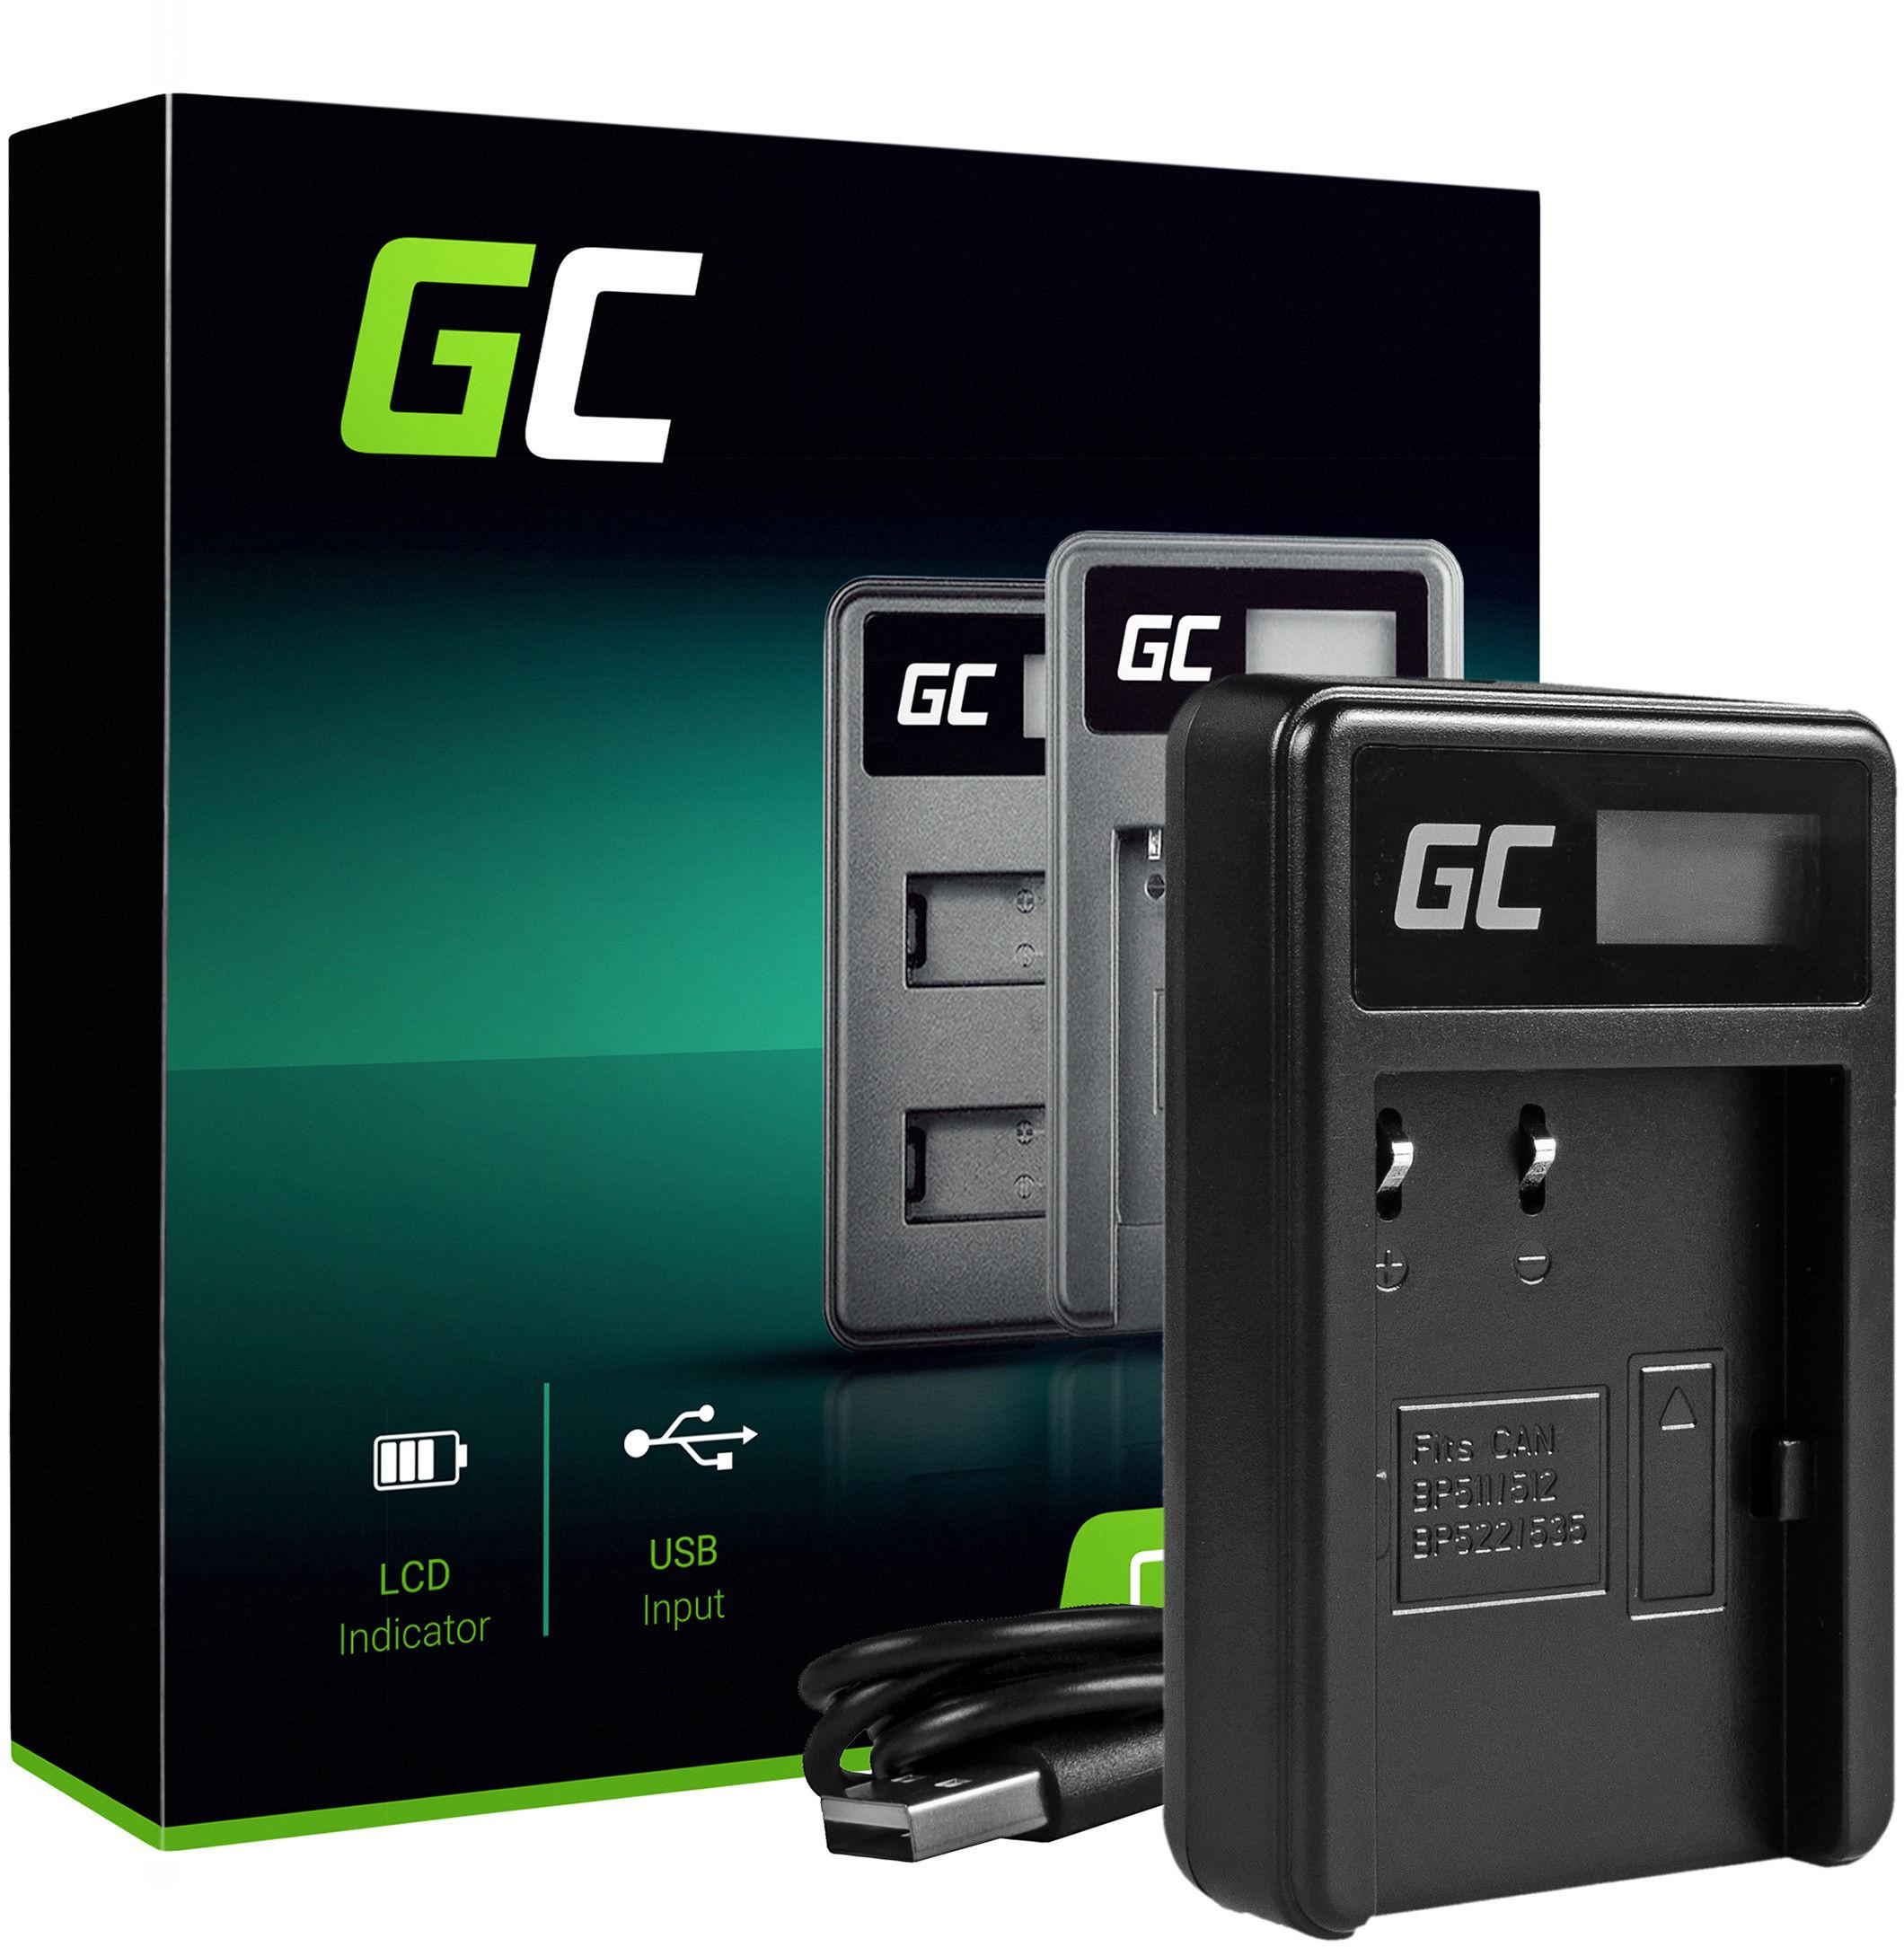 Ładowarka CB-5L Green Cell  do Canon BP-511 PowerShot G1 G2 G3 G5 G6 90 Pro EOS Kiss Digital Optura 20 D60 300D (8.4V 5W 0.6A)